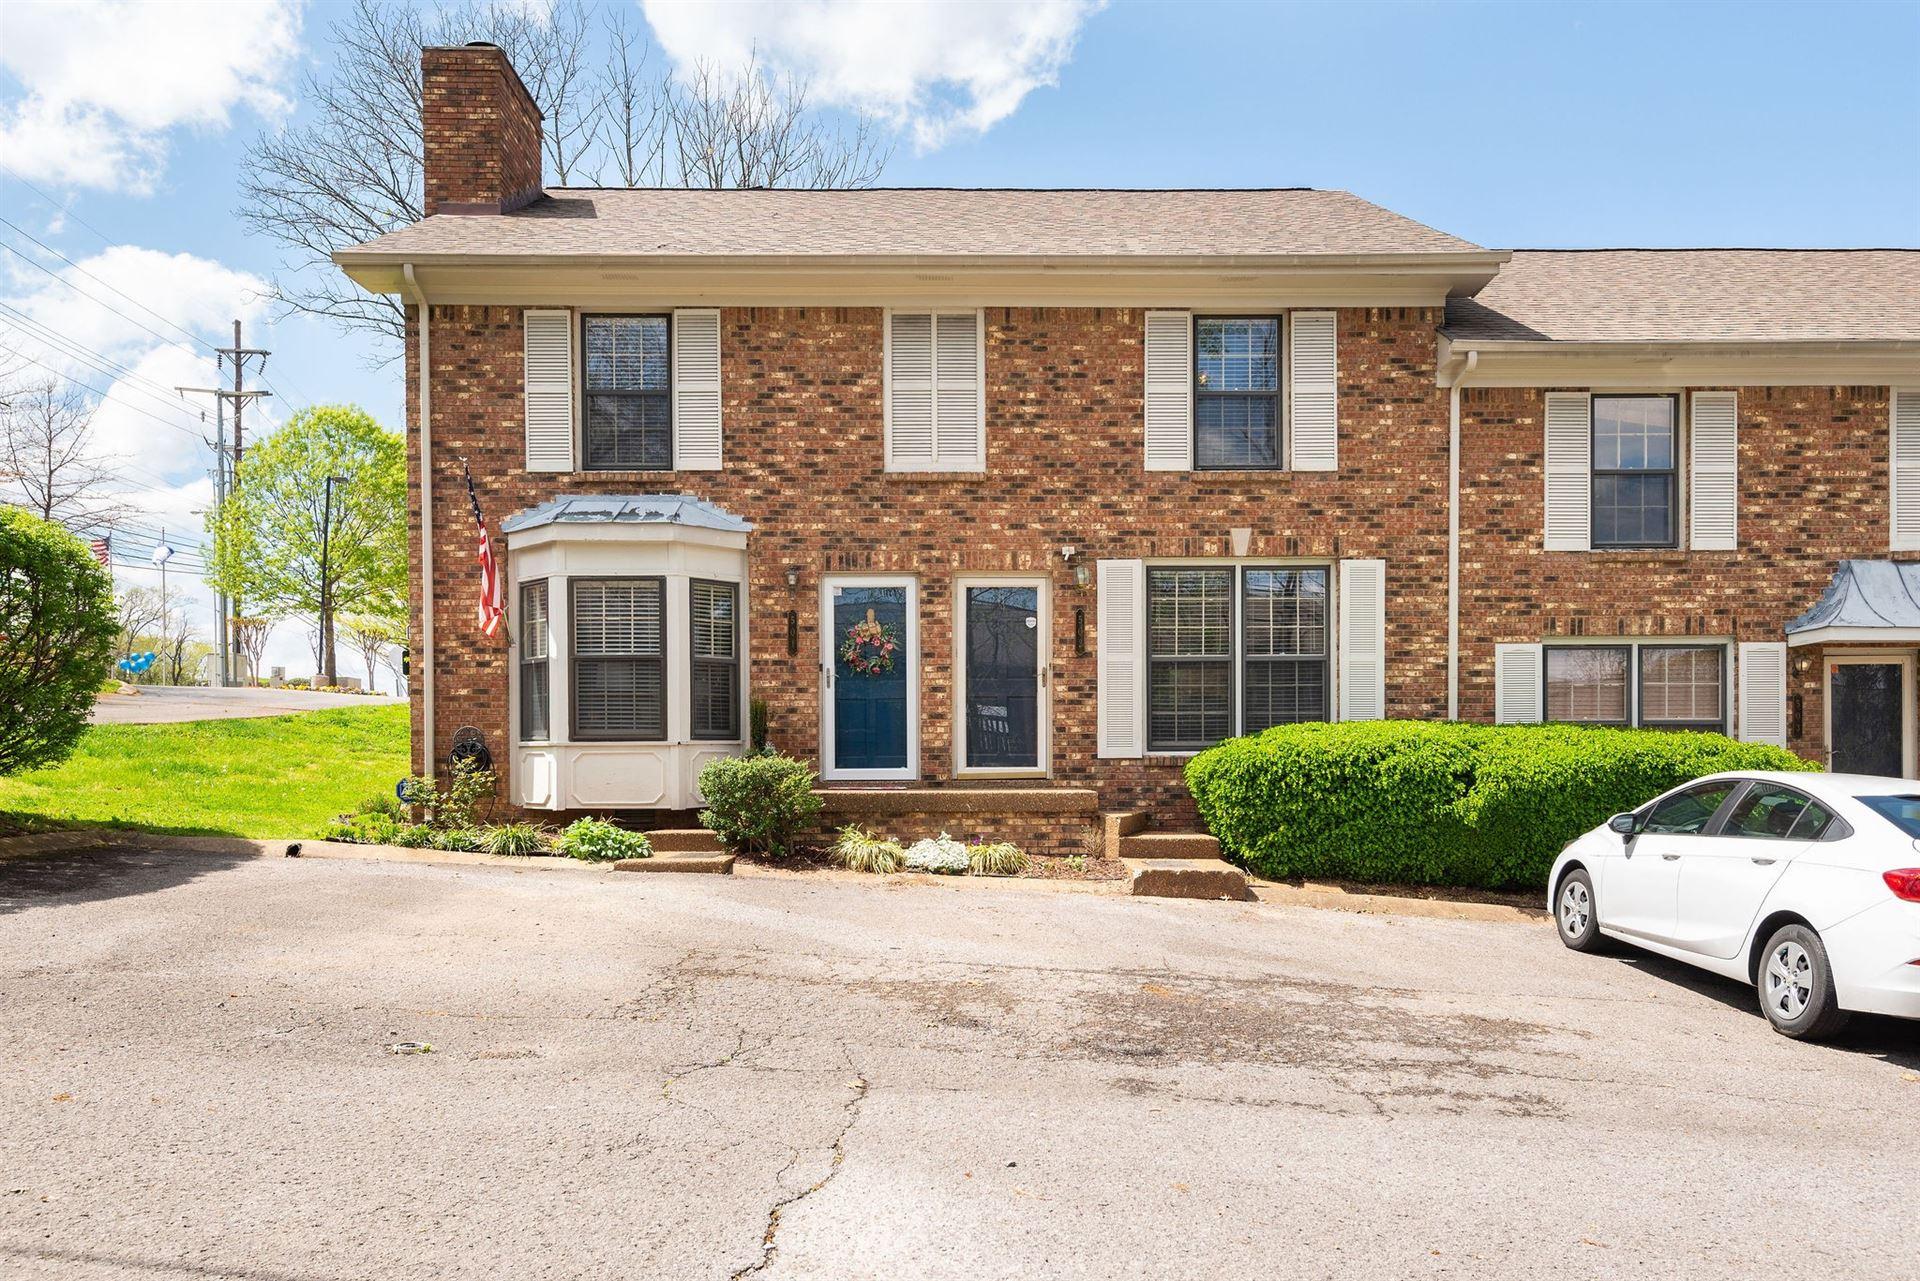 502 Hickory Villa Dr, Nashville, TN 37211 - MLS#: 2240336